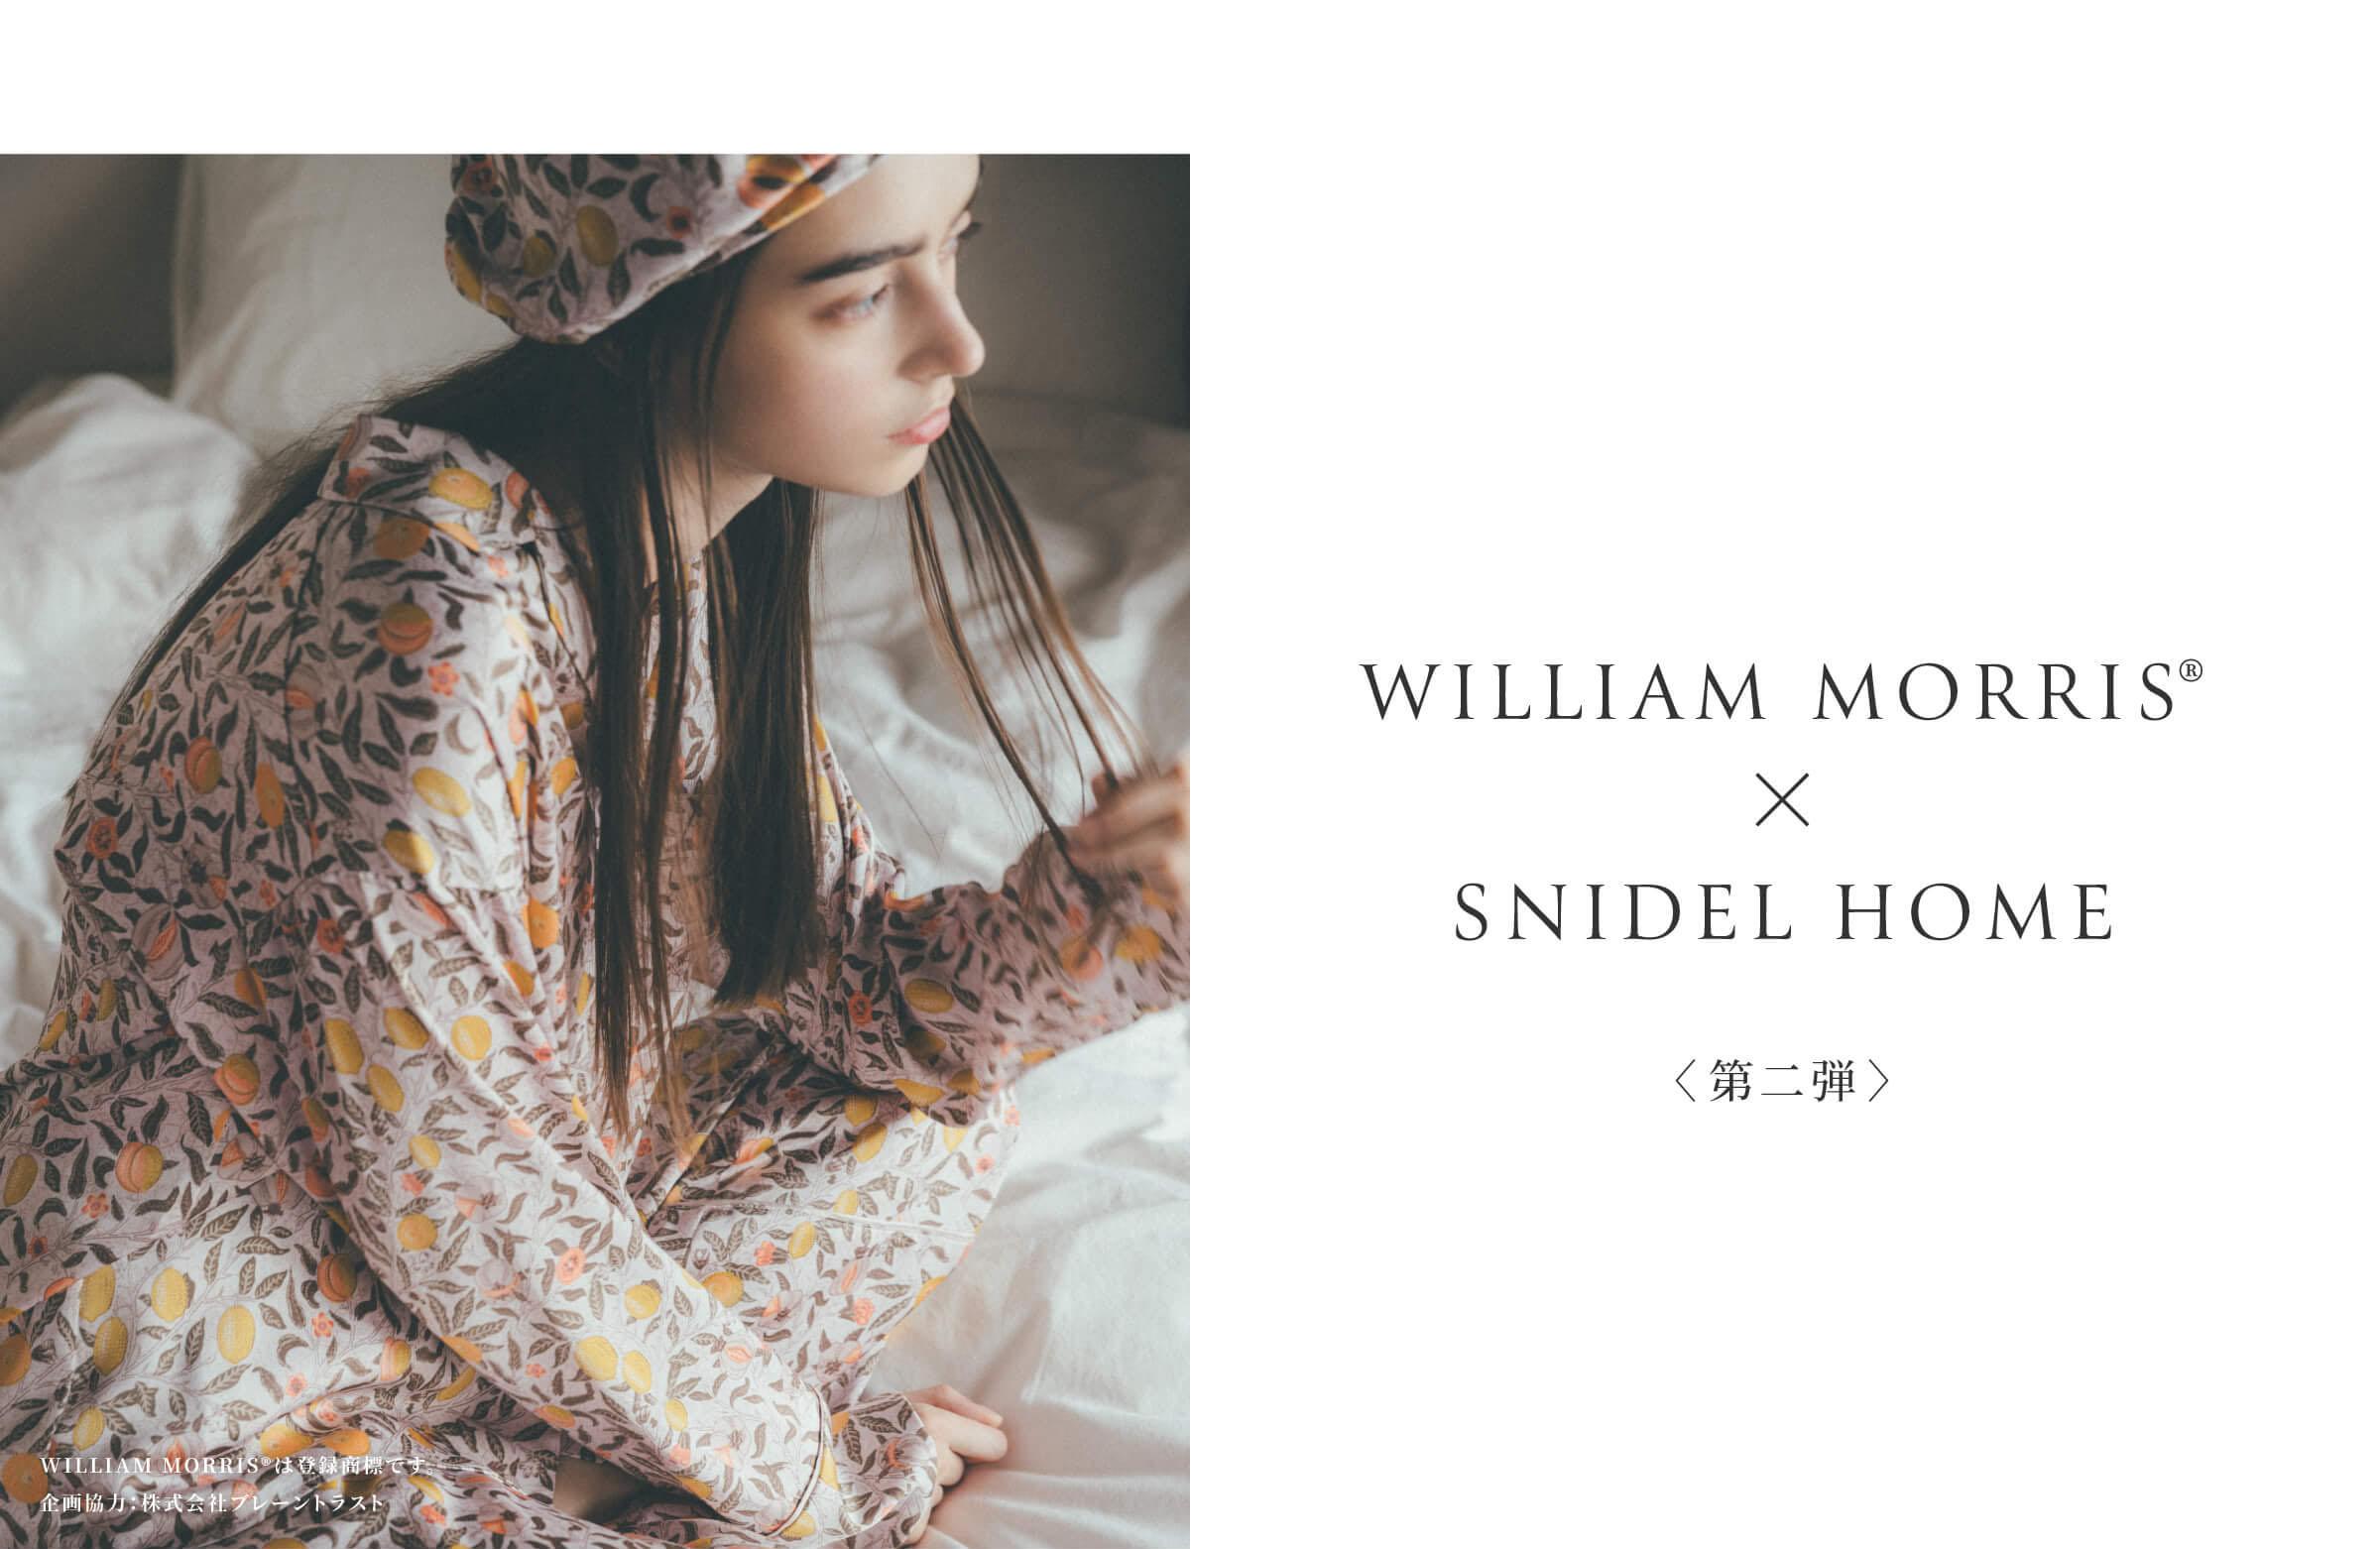 WILLIAM MORRIS×SNIDEL HOME 〈第二弾〉